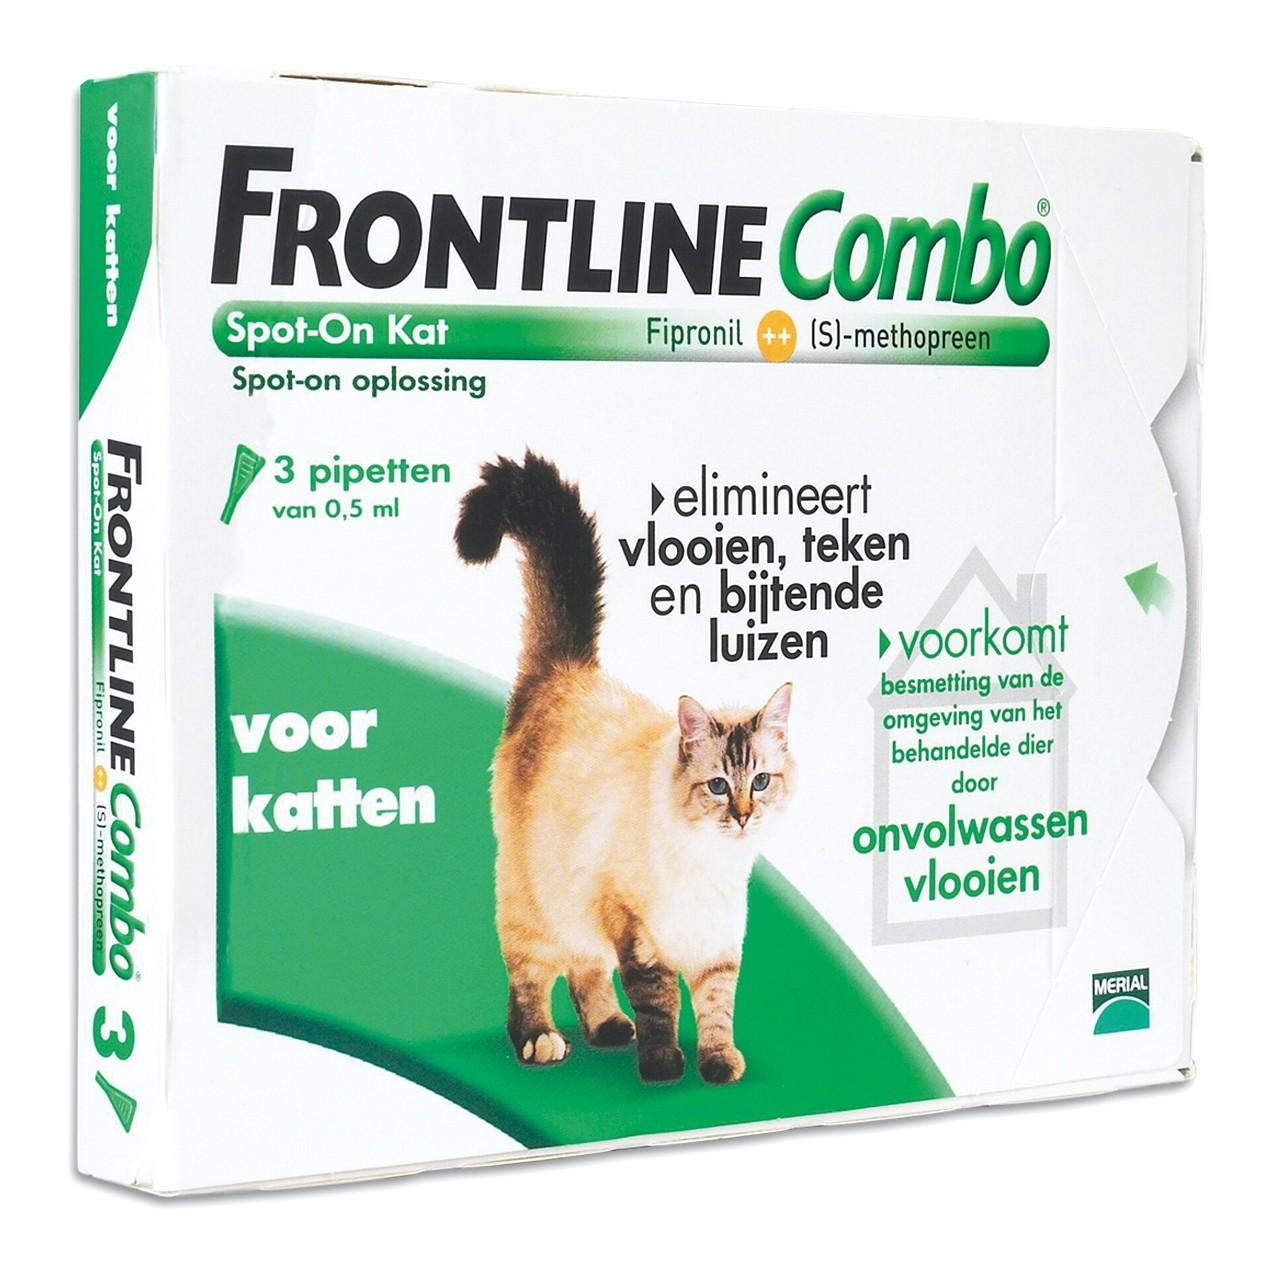 Frontline Combo spot on kat 3 pipet